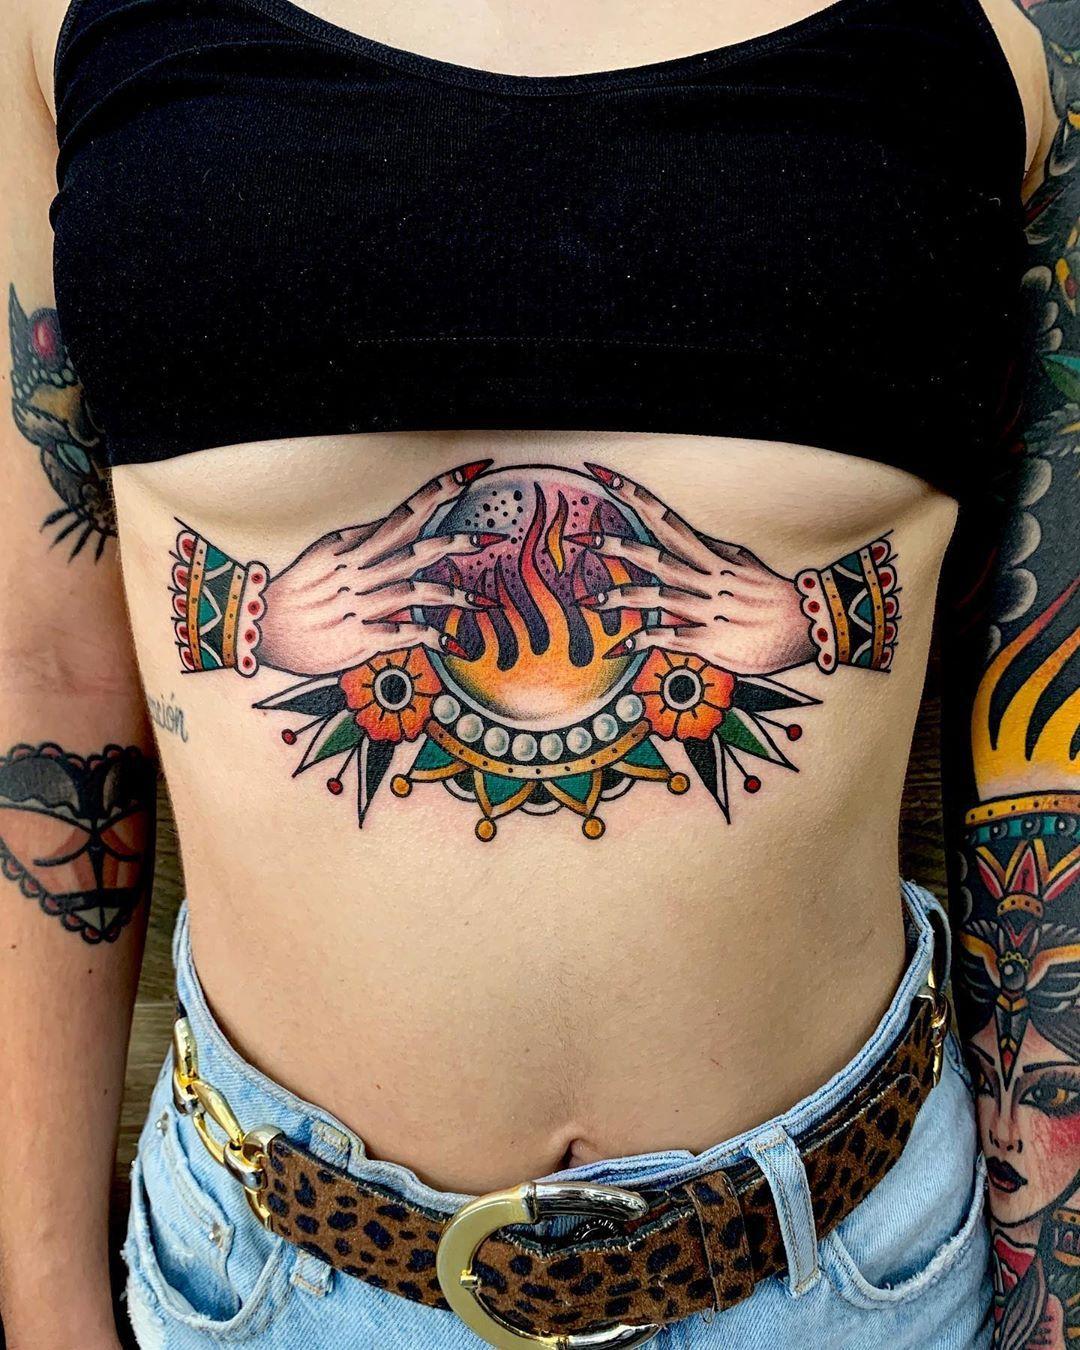 Crystal Ball Sternum Tattoo Tattoo Ideas And Inspiration